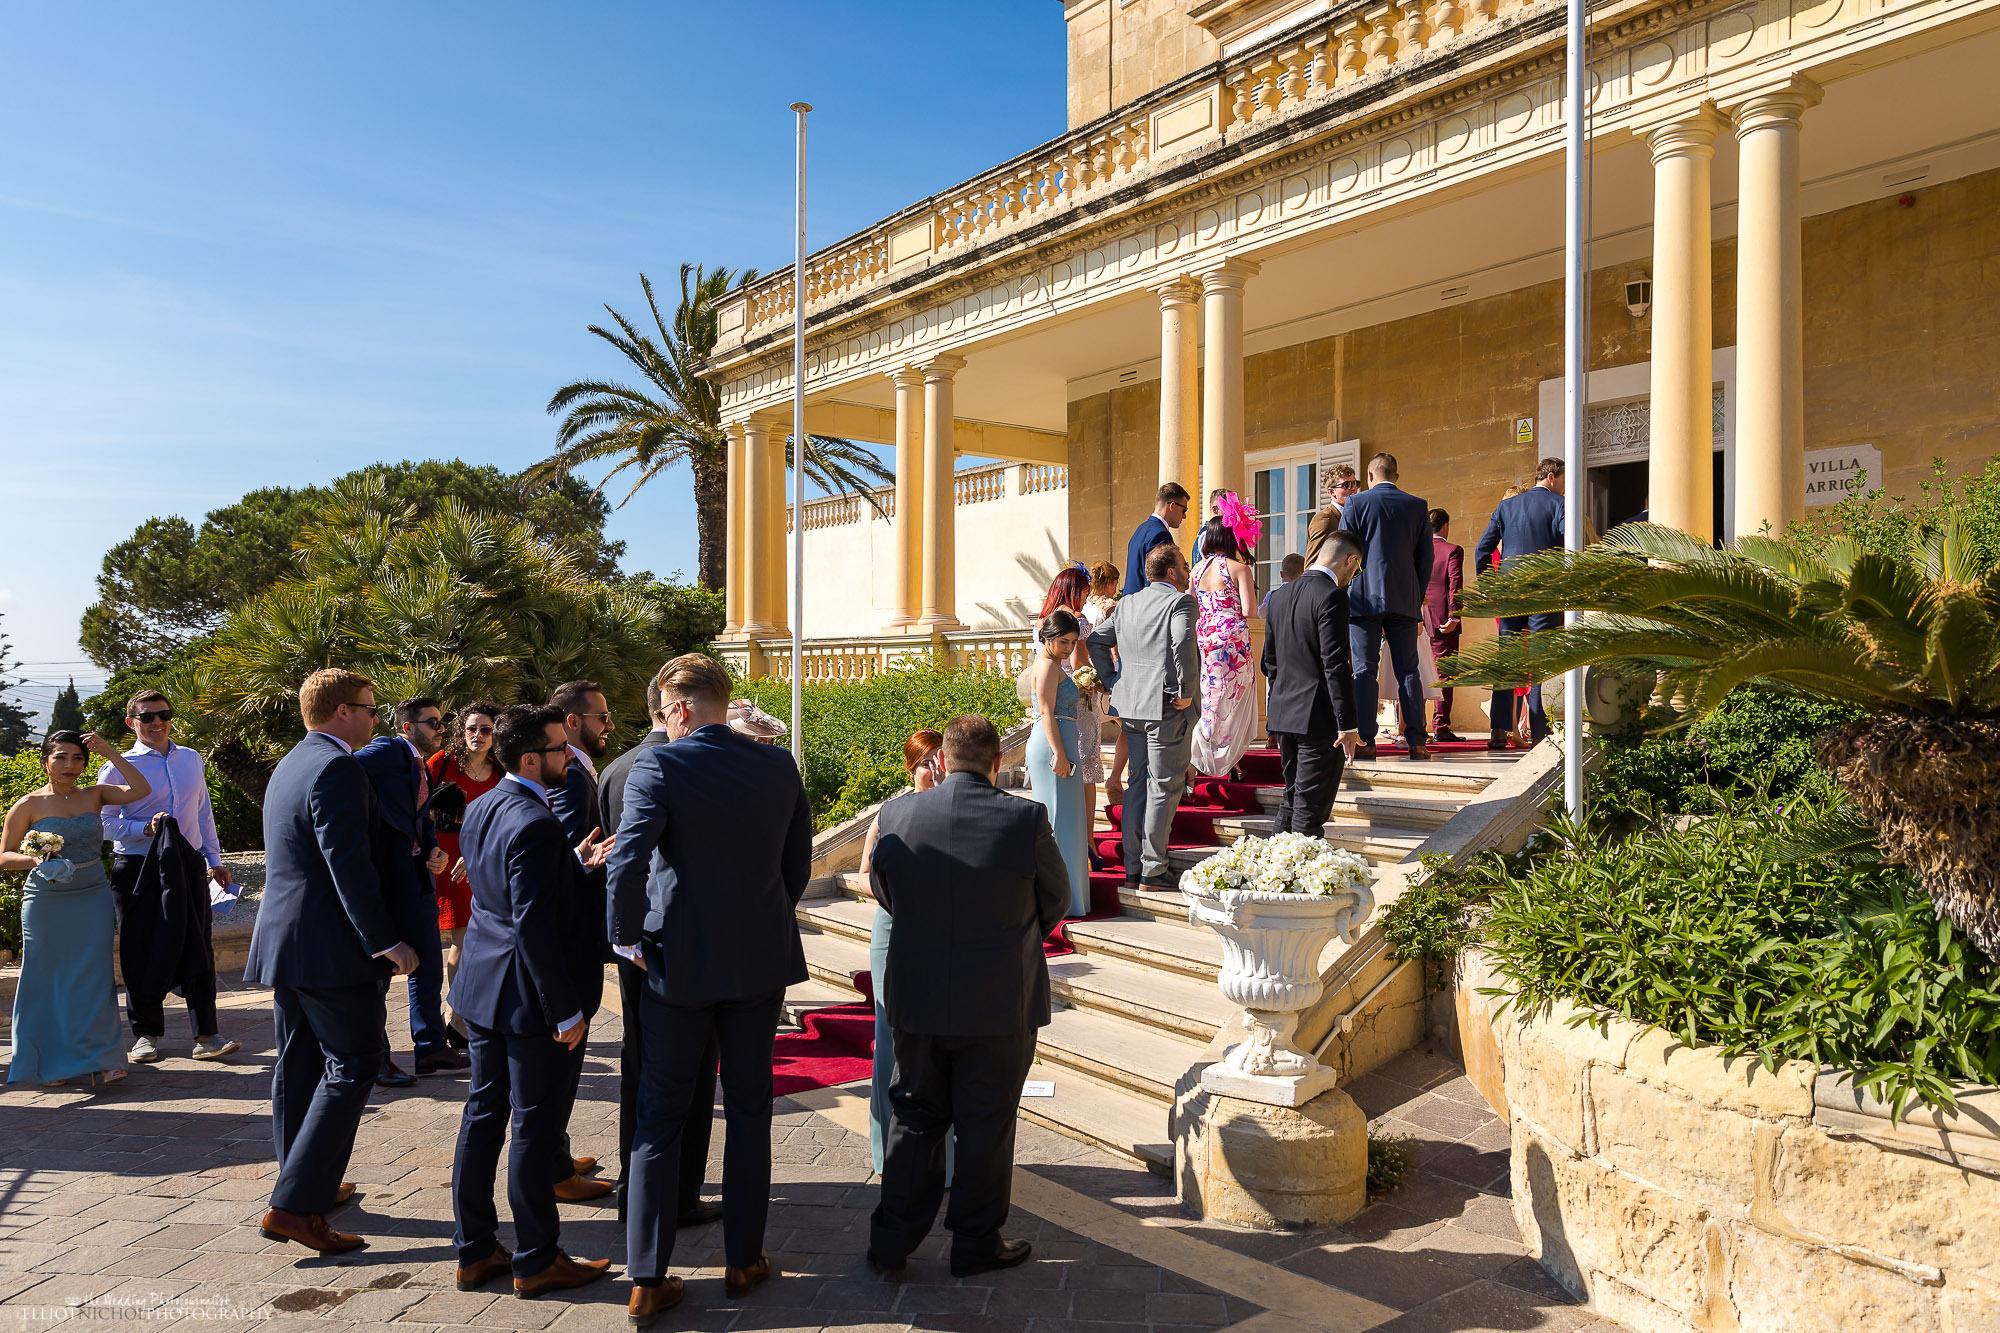 guests-arrive-Villa-Arrigo-Malta